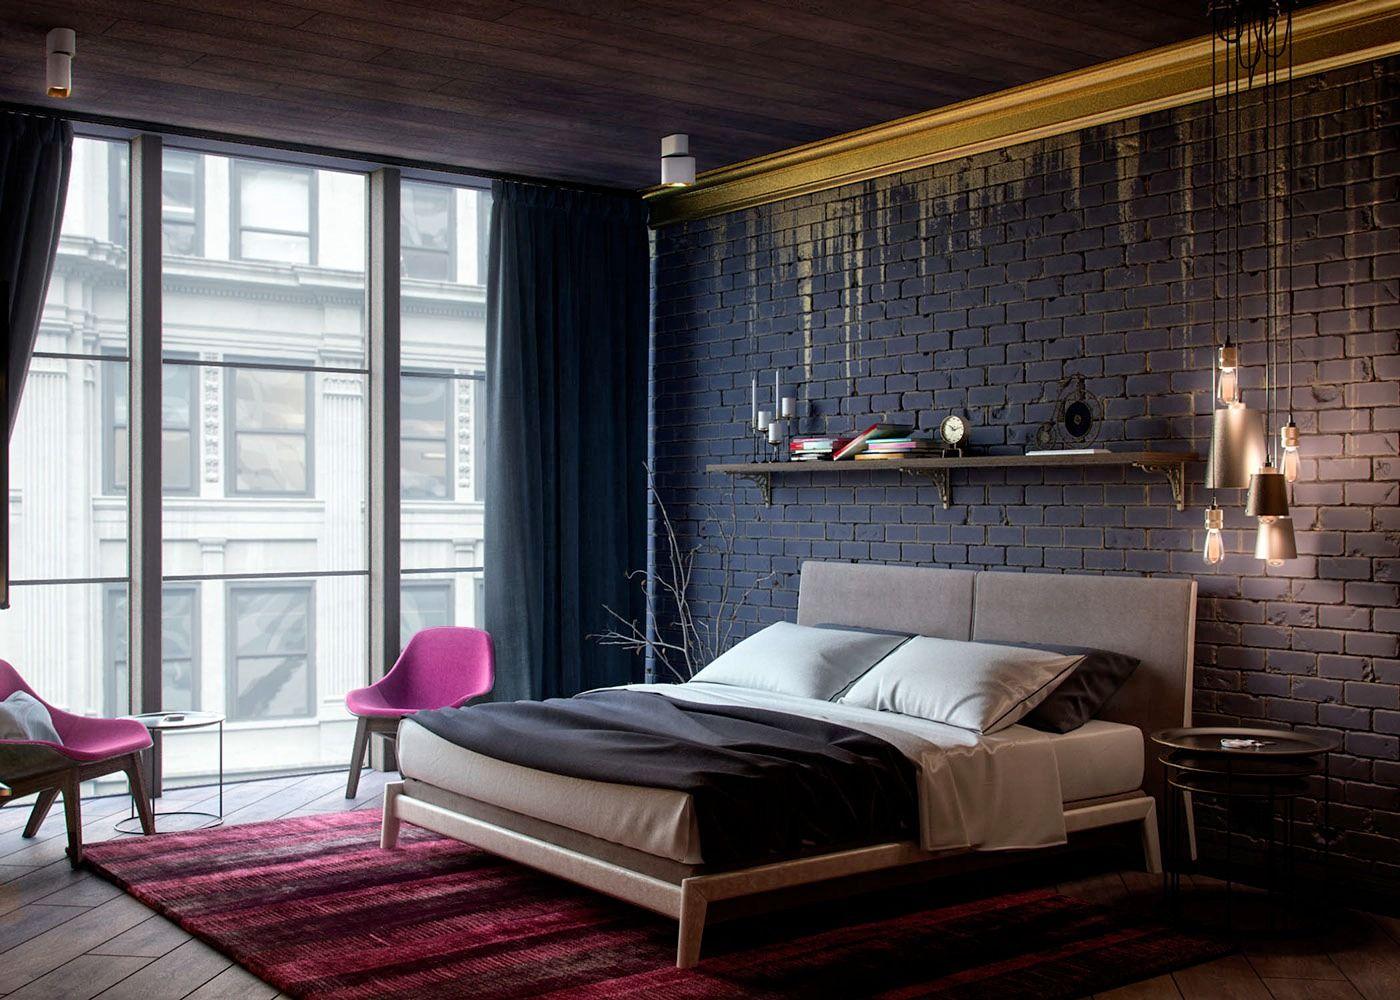 Chambre Moderne Avec Fauteuil Design Fuchsia, Tapis En Camaïeu De Rouge Et  Mur De Briques Noires Rehaussé Du0027une Coulée Or Sur La Moulure